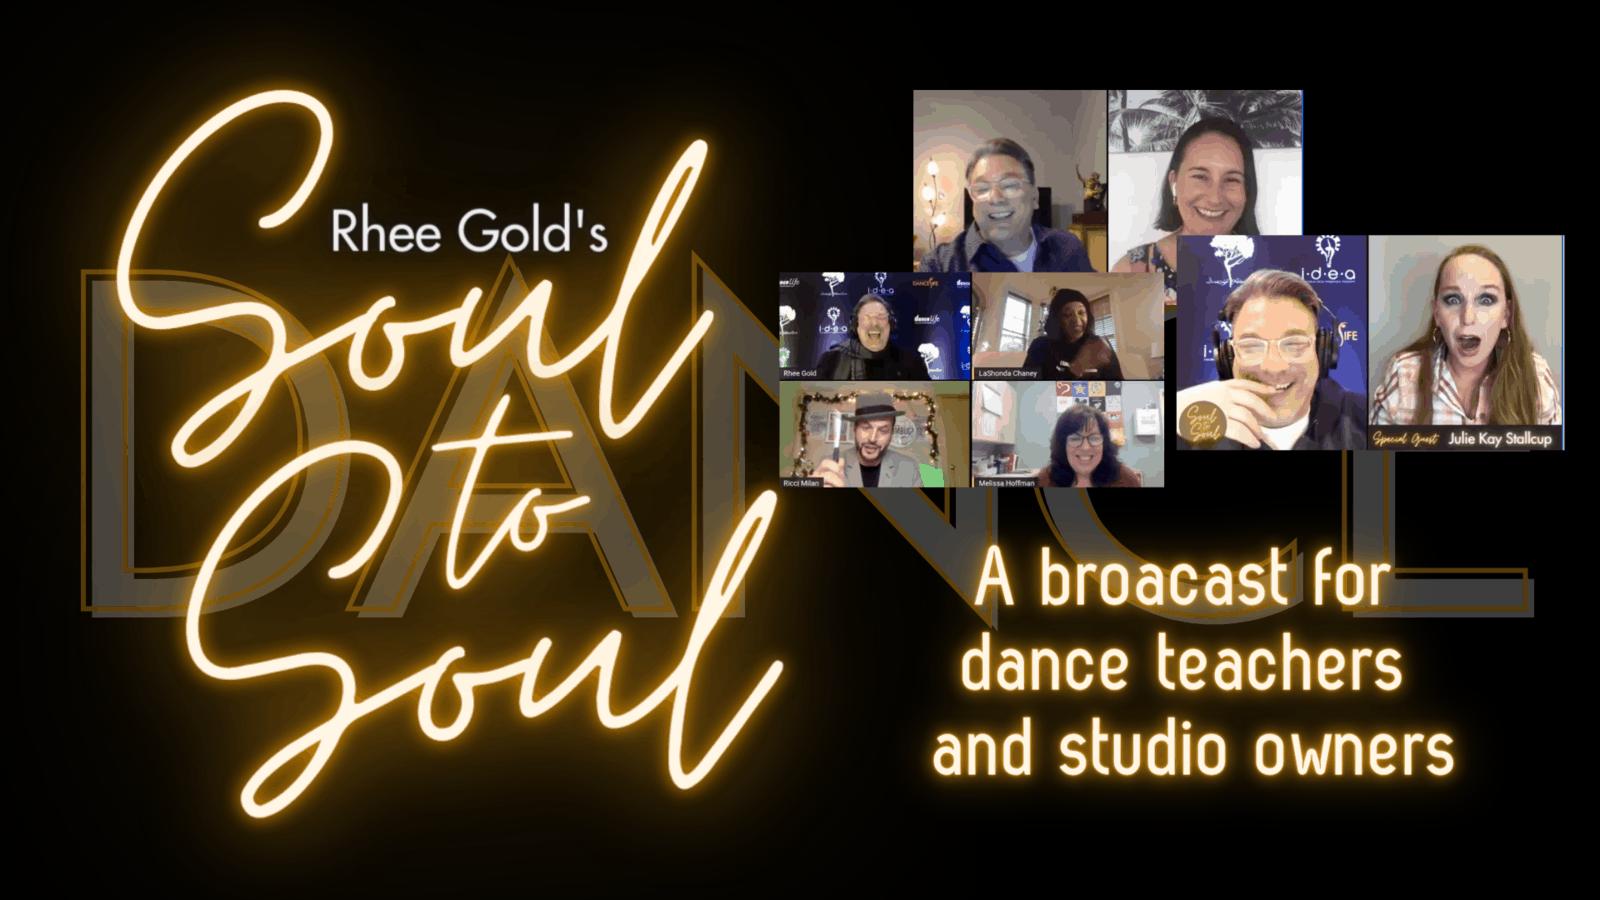 Soul to Soul Rhee Gold